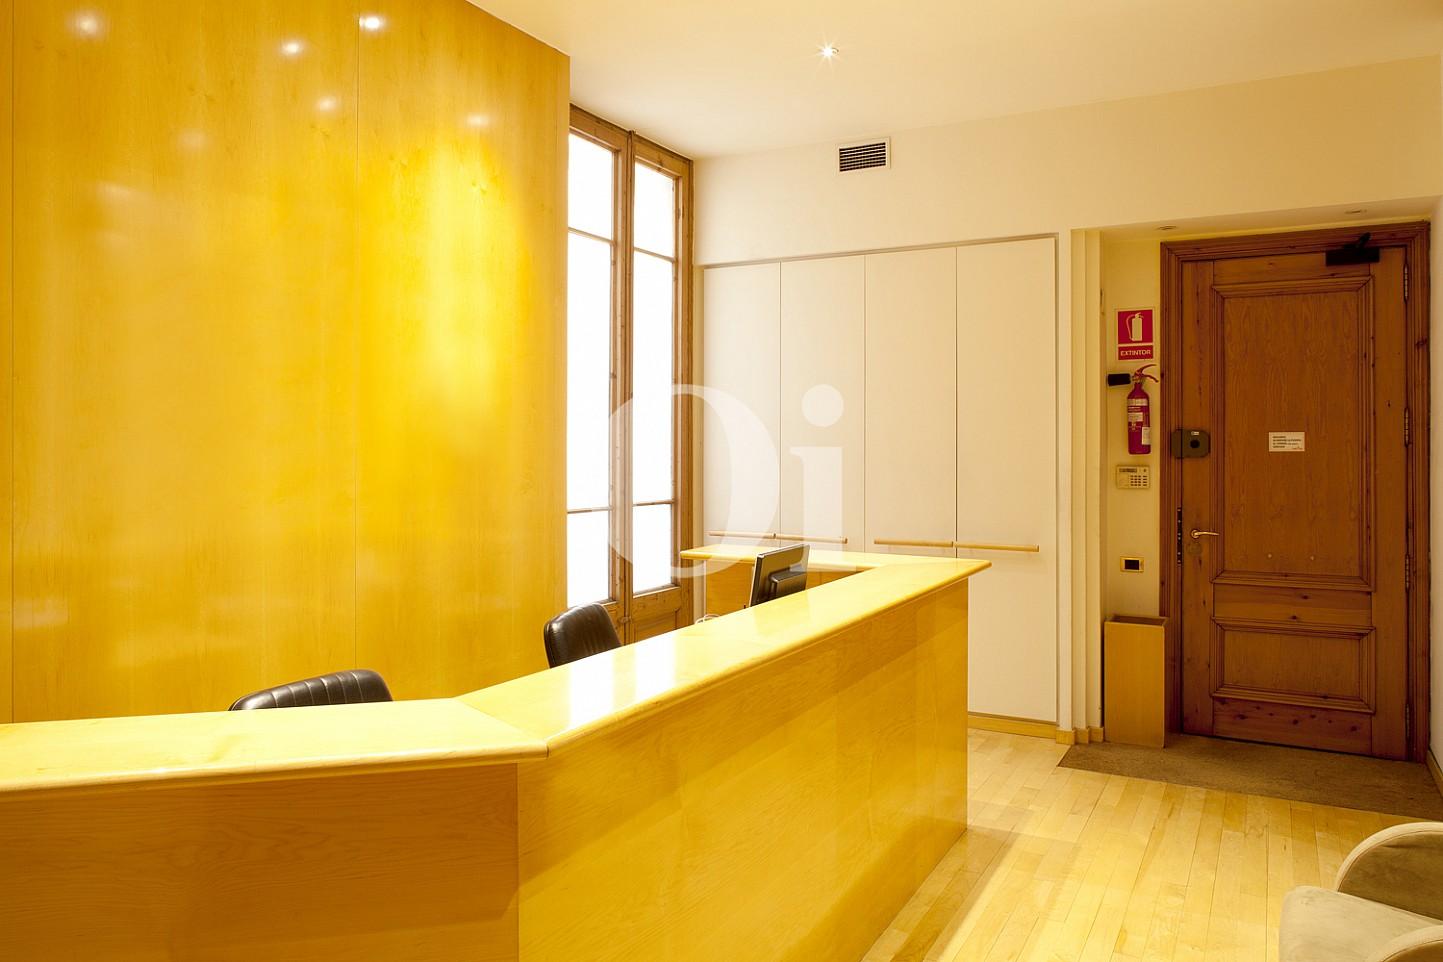 Recepció d'un elegant pis en venda a Barcelona, al costat de Passeig de Gràcia